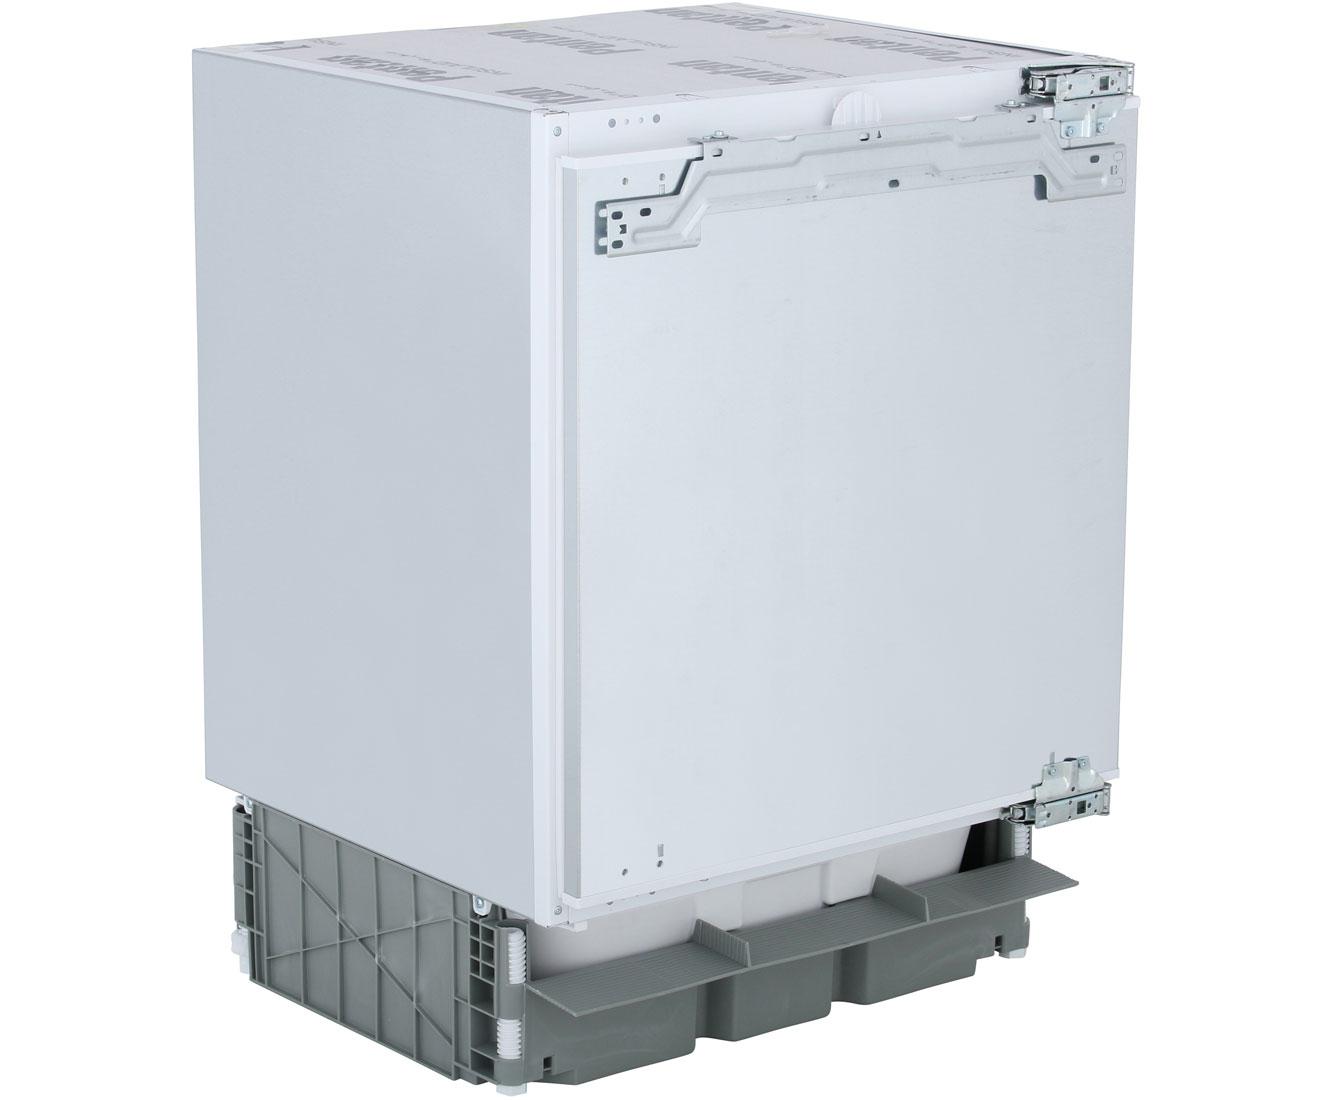 Bosch Kühlschrank Beschreibung : Bosch serie 6 kur15a65 einbau kühlschrank 82er nische festtür